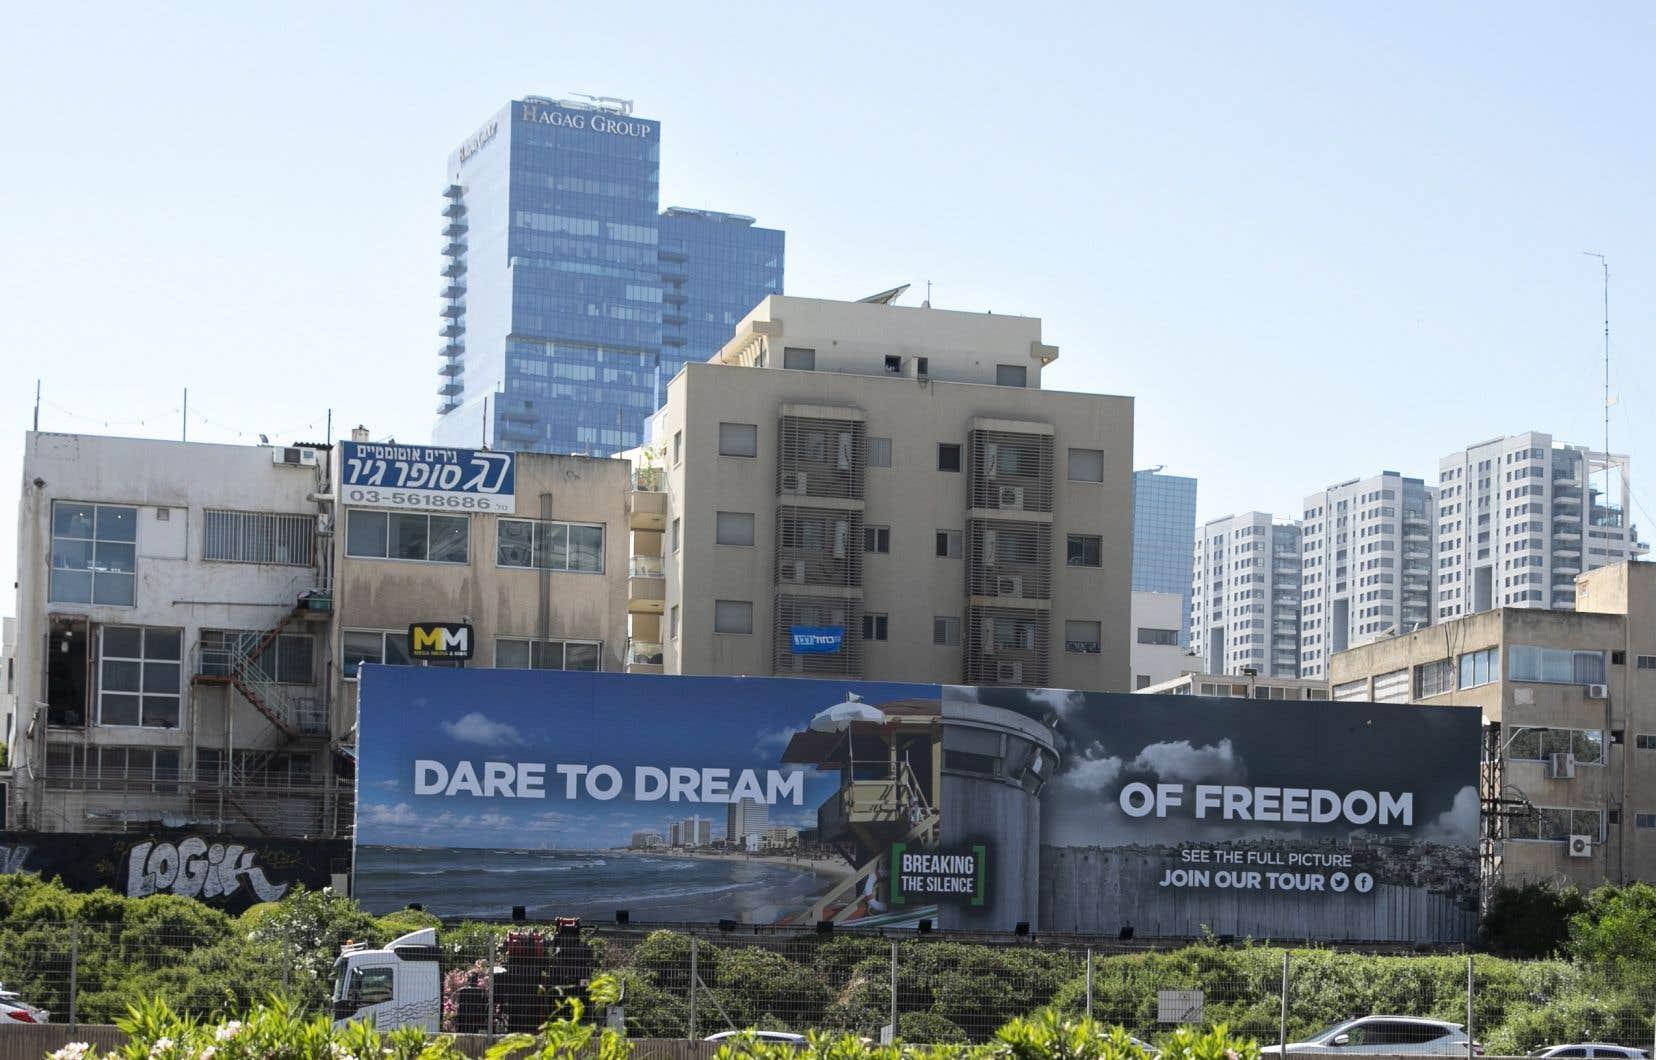 Installée par l'ONG Breaking the Silence le long d'une autoroute traversant Tel-Aviv, une affiche parodie ce mot d'ordre et appelle à «osez rêver de liberté».